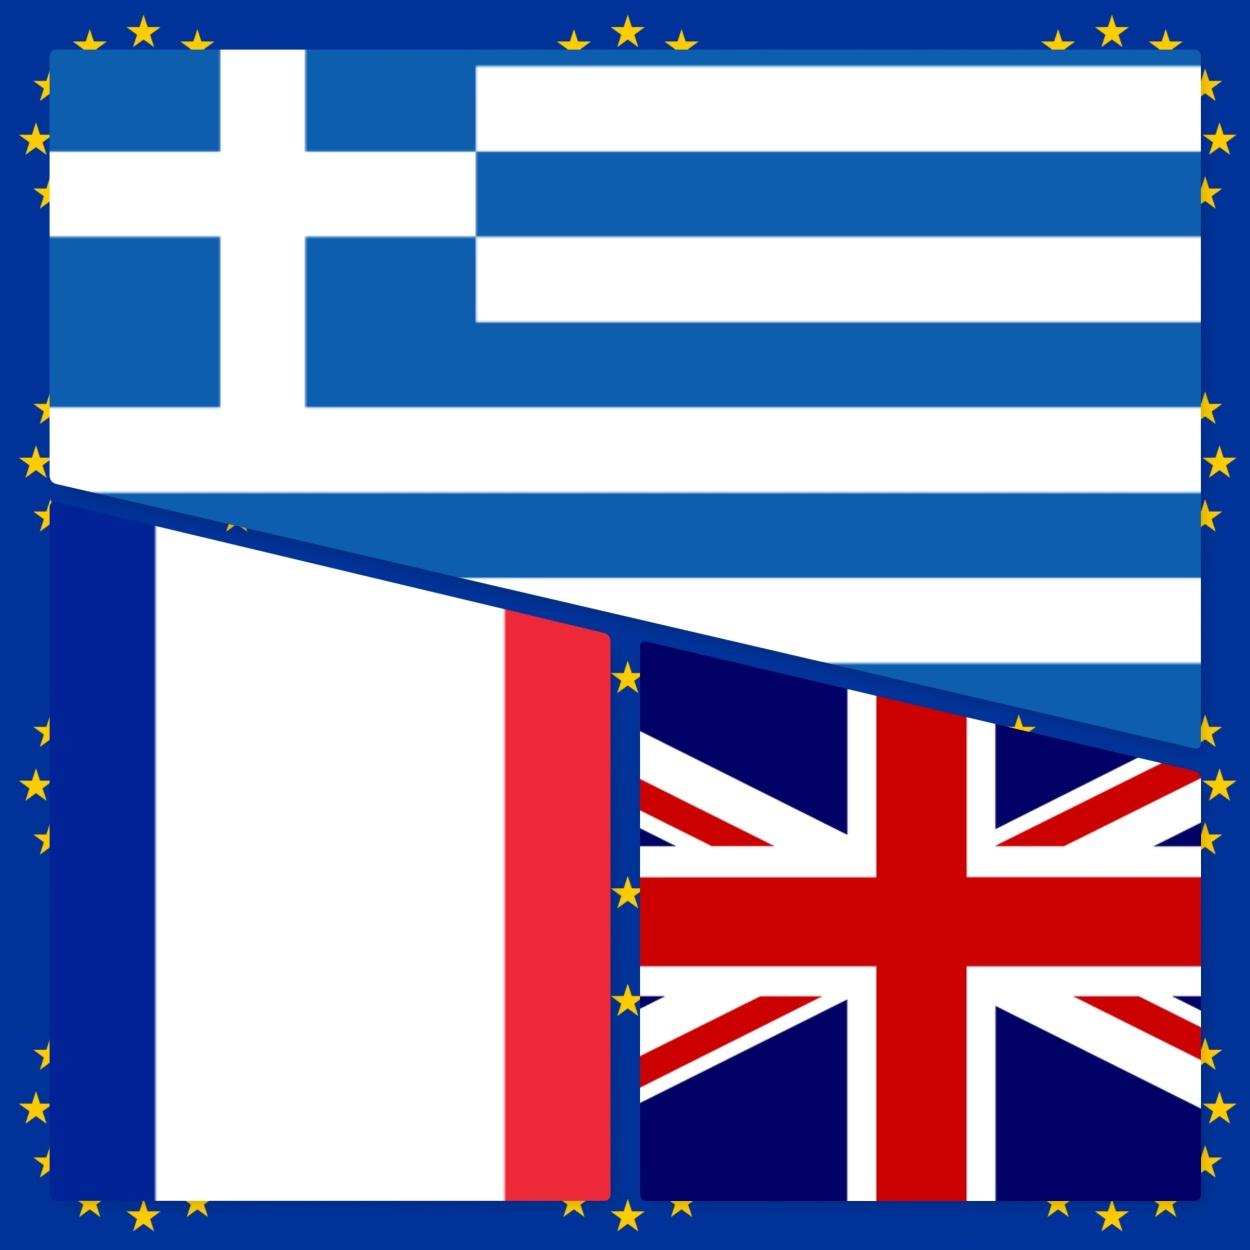 Sei mesi in Europa - primo semestre 2015